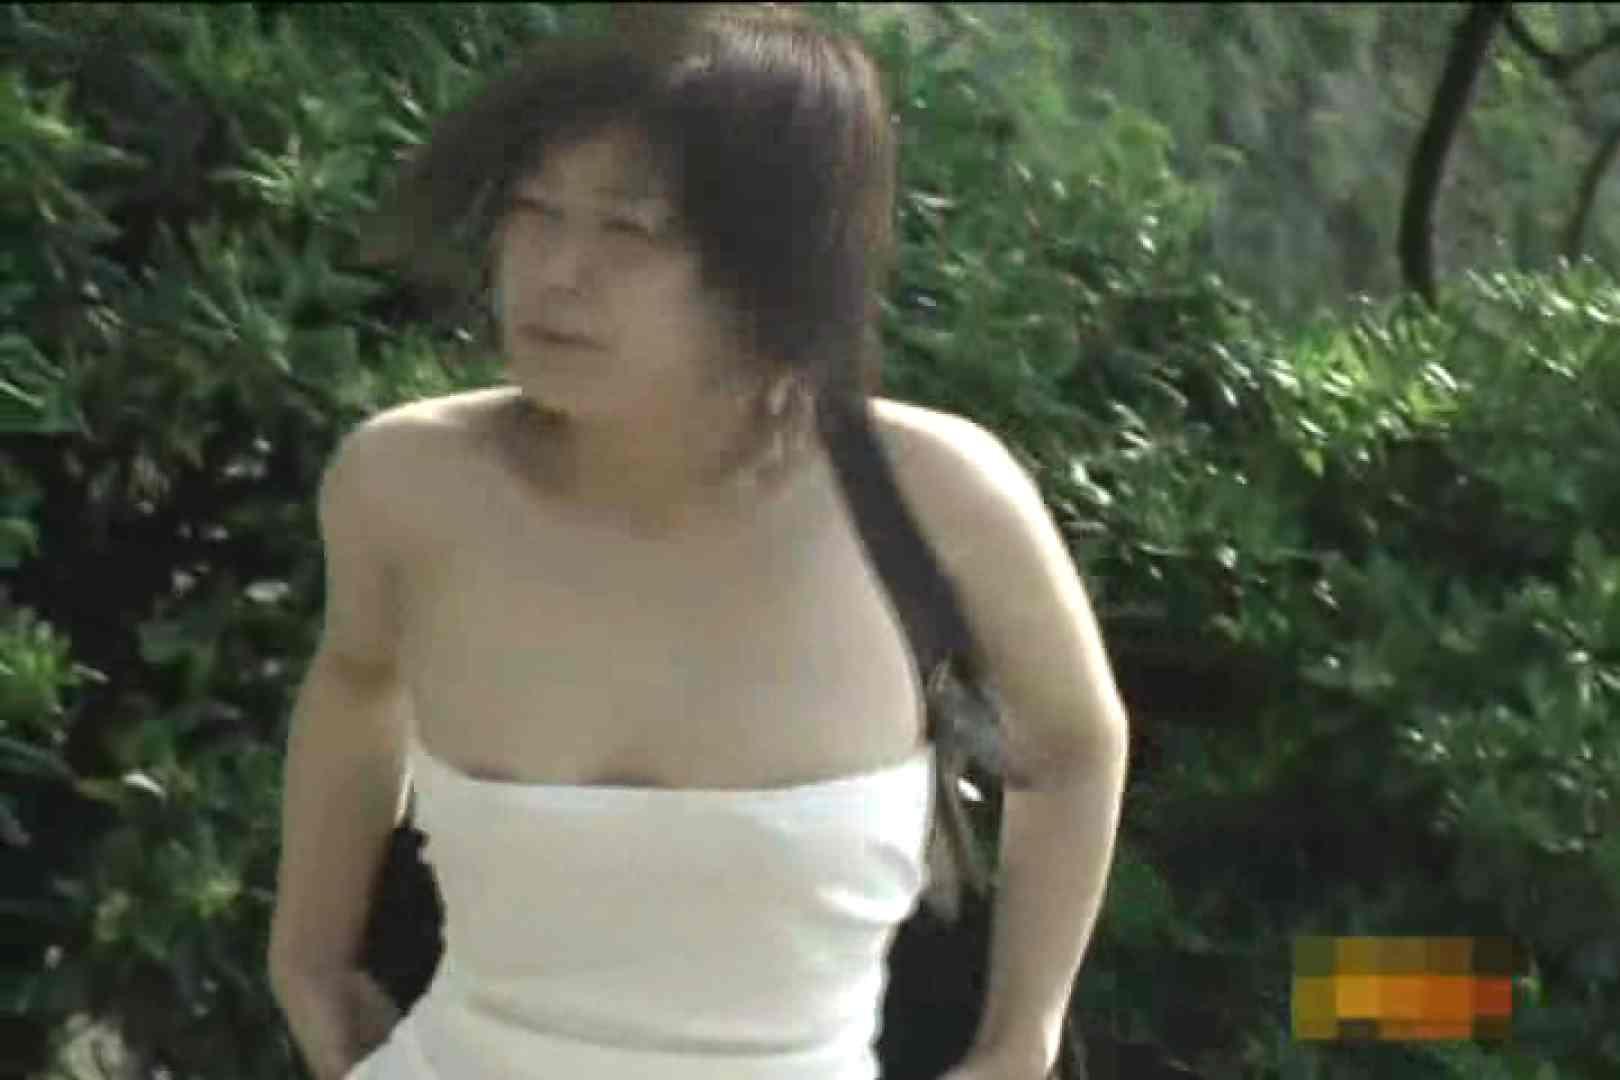 大胆露出胸チラギャル大量発生中!!Vol.1 小悪魔ギャル オマンコ無修正動画無料 30連発 9